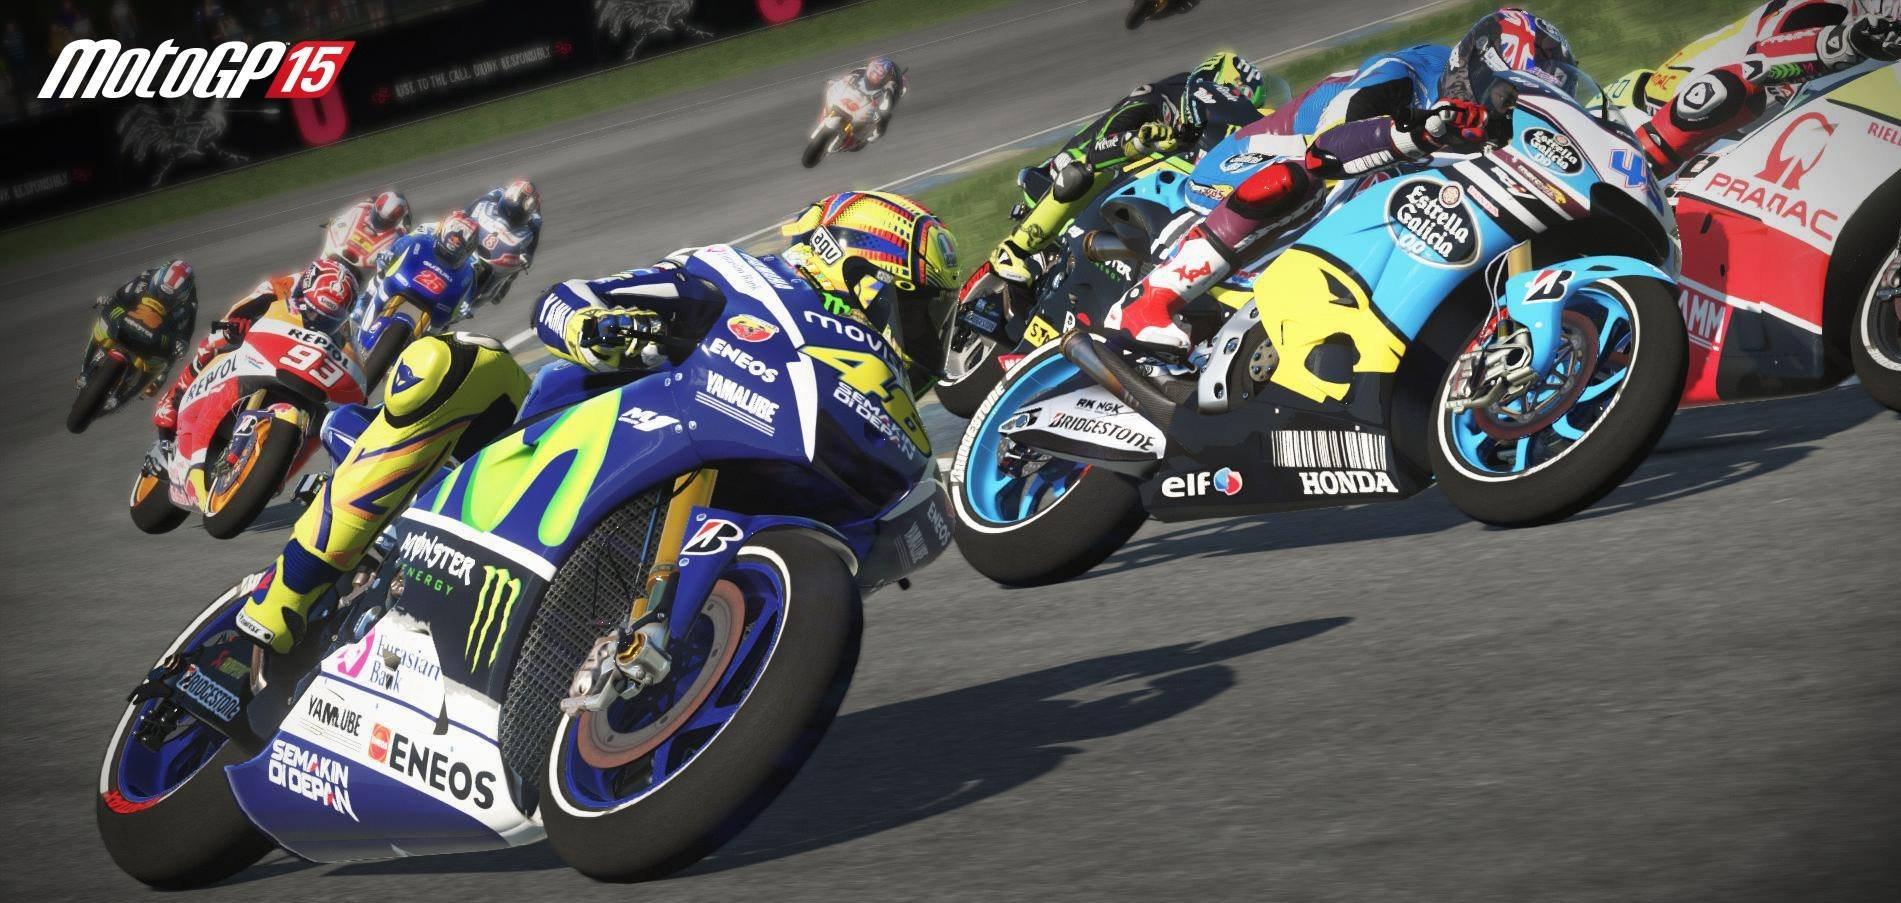 Los mejores juegos de motos para PC, consolas, iPhone y Android - HobbyConsolas Juegos